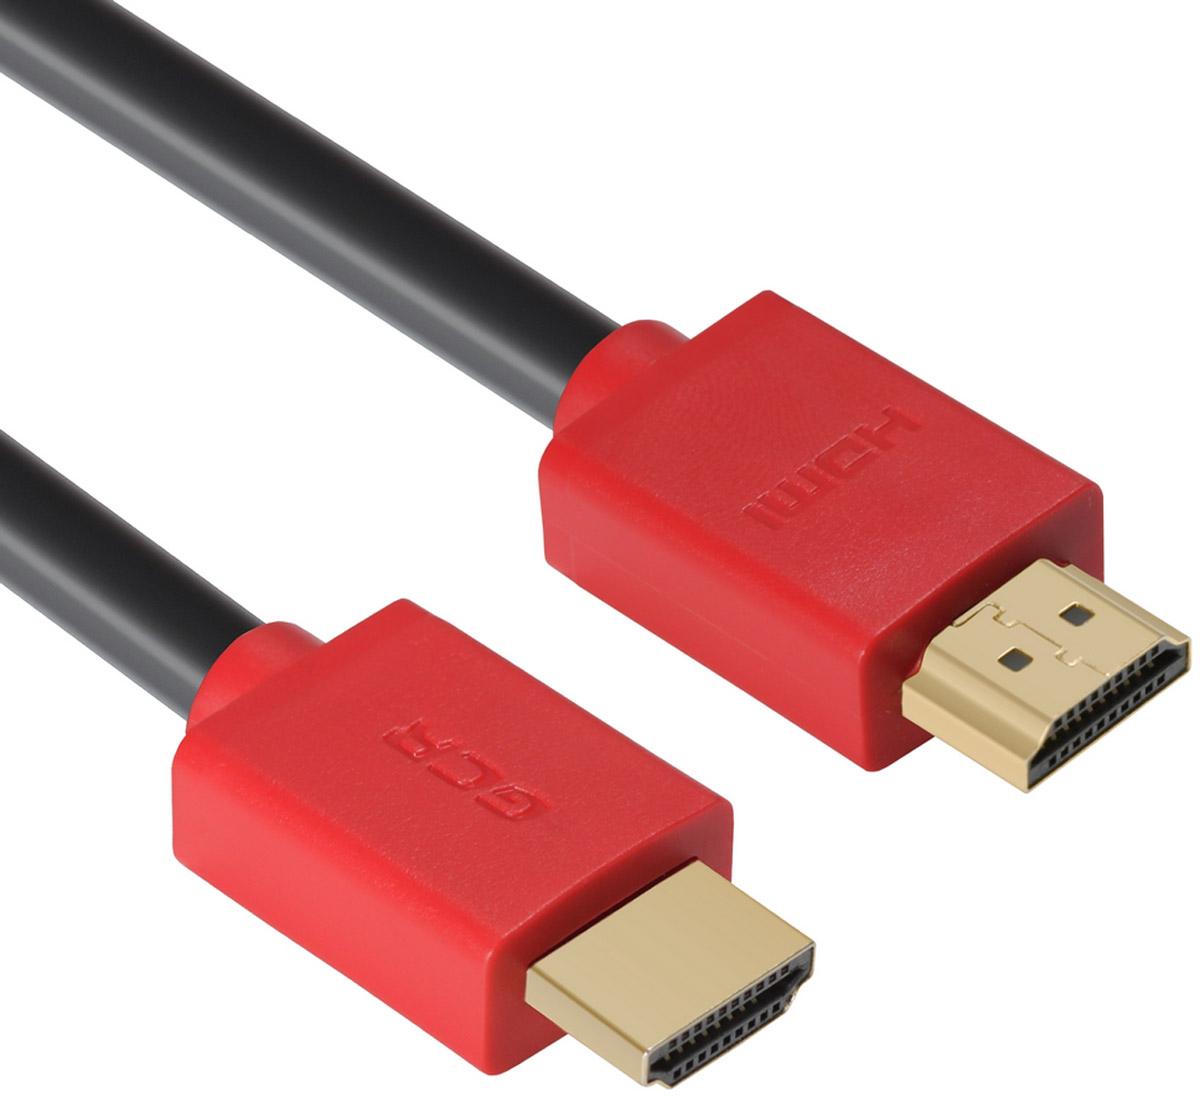 Greenconnect Russia GCR-HM451, Black Red кабель HDMI v 2.0 (2 м)GCR-HM451-2.0mКабель HDMI v 2.0 Greenconnect Russia GCR-HM451 - отличное решение для подключения компьютера, игровых консолей, DVD и Blu-ray плееров, аудио-ресиверов к телевизору или дополнительному монитору. Кабель HDMI поддерживает как стандартные, так и высокие разрешения самых современных моделей телевизоров.Кабель оснащен двунаправленным каналом для передачи сетевых данных, который подходит для использования IP-приложениями. Канал Ethernet позволяет нескольким устройствам работать в сети Ethernet без необходимости подключения дополнительных проводов, а также напрямую обмениваться контентом. Наличие обратного канала аудио устраняет необходимость в отдельном проводе для передачи звука в ресивер с телевизора или другого устройства, которое является одновременно источником аудио и видео.